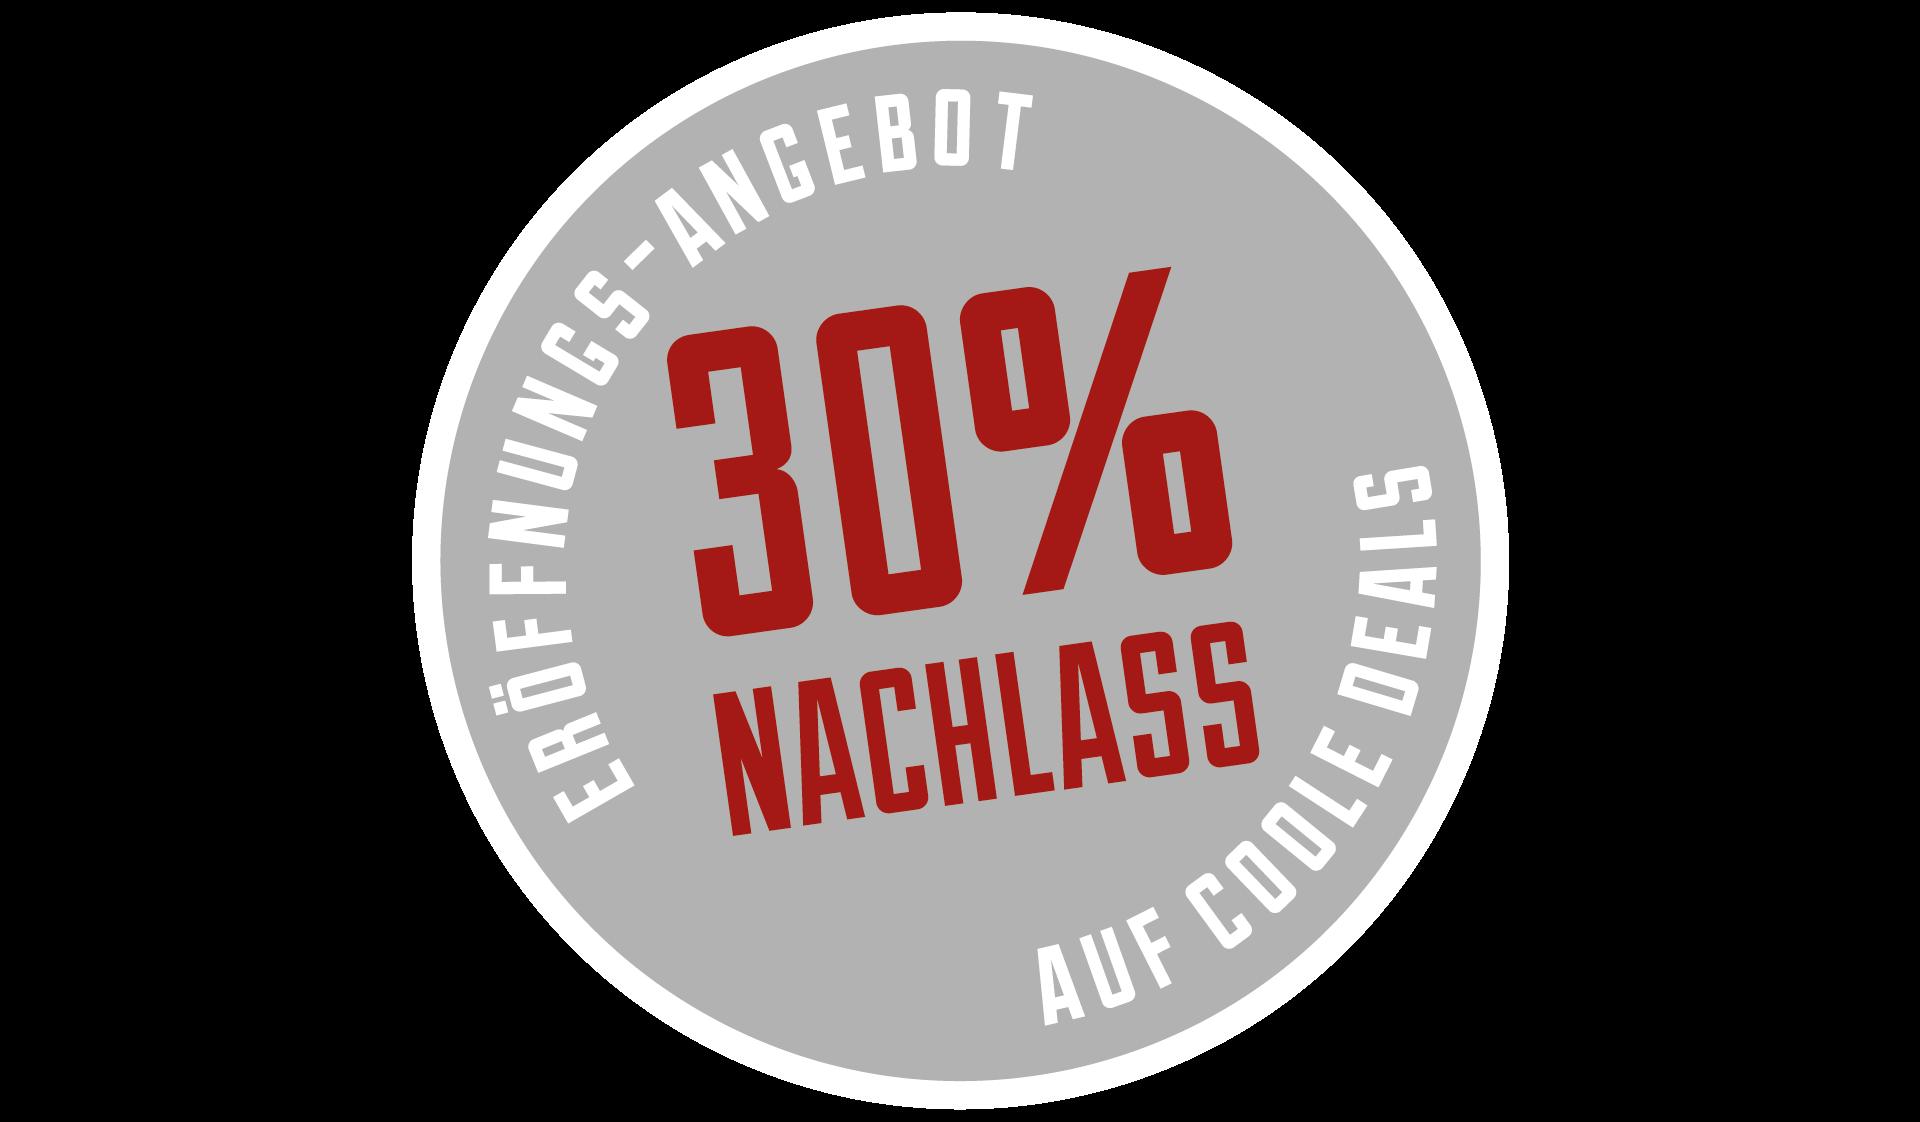 30% Nachlass auf Cryosizer